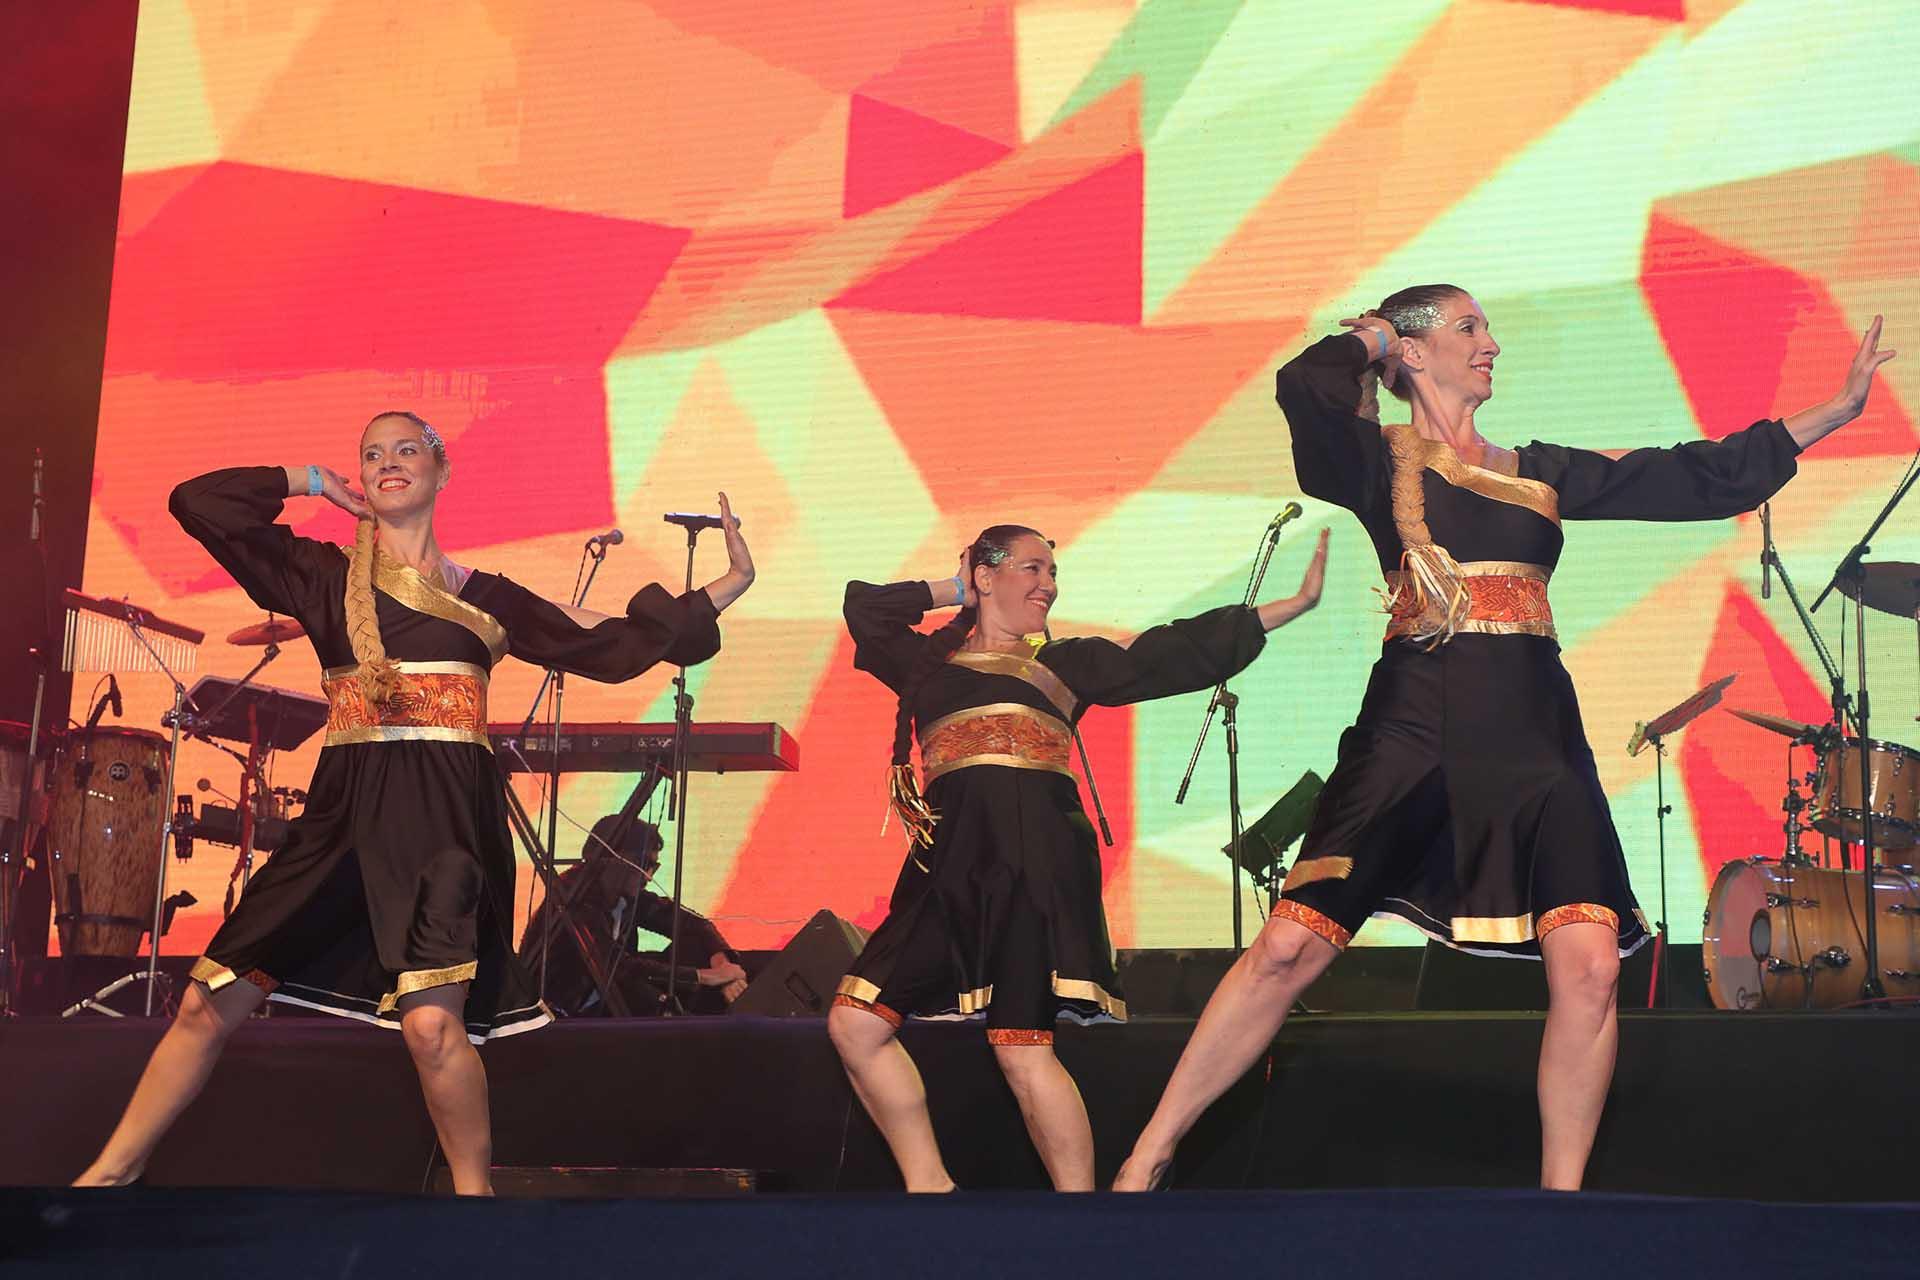 La celebración en Buenos Aires, junto a la de Nueva York, fueron las dos más importantes a nivel mundial fuera de Israel